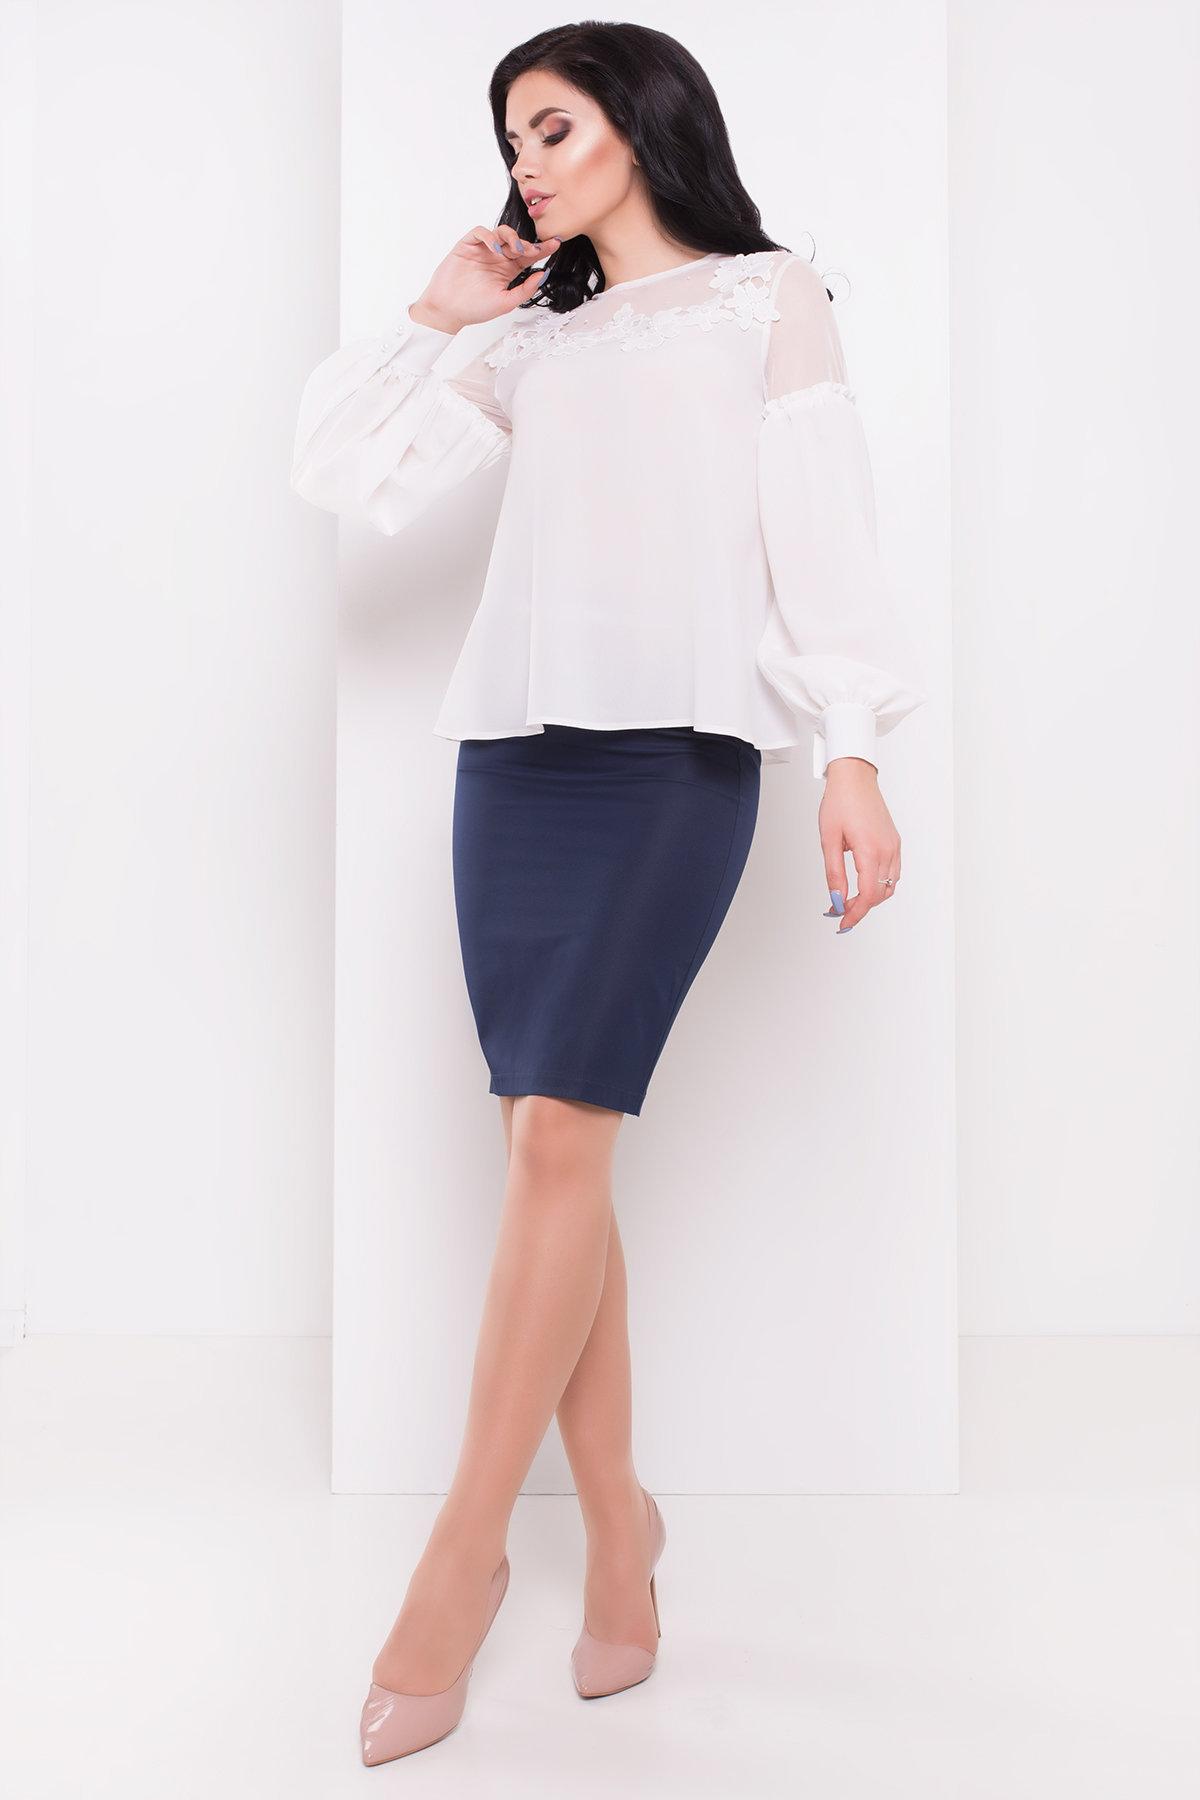 Блузы купить Украина Шифоновая блузка Асия 3230